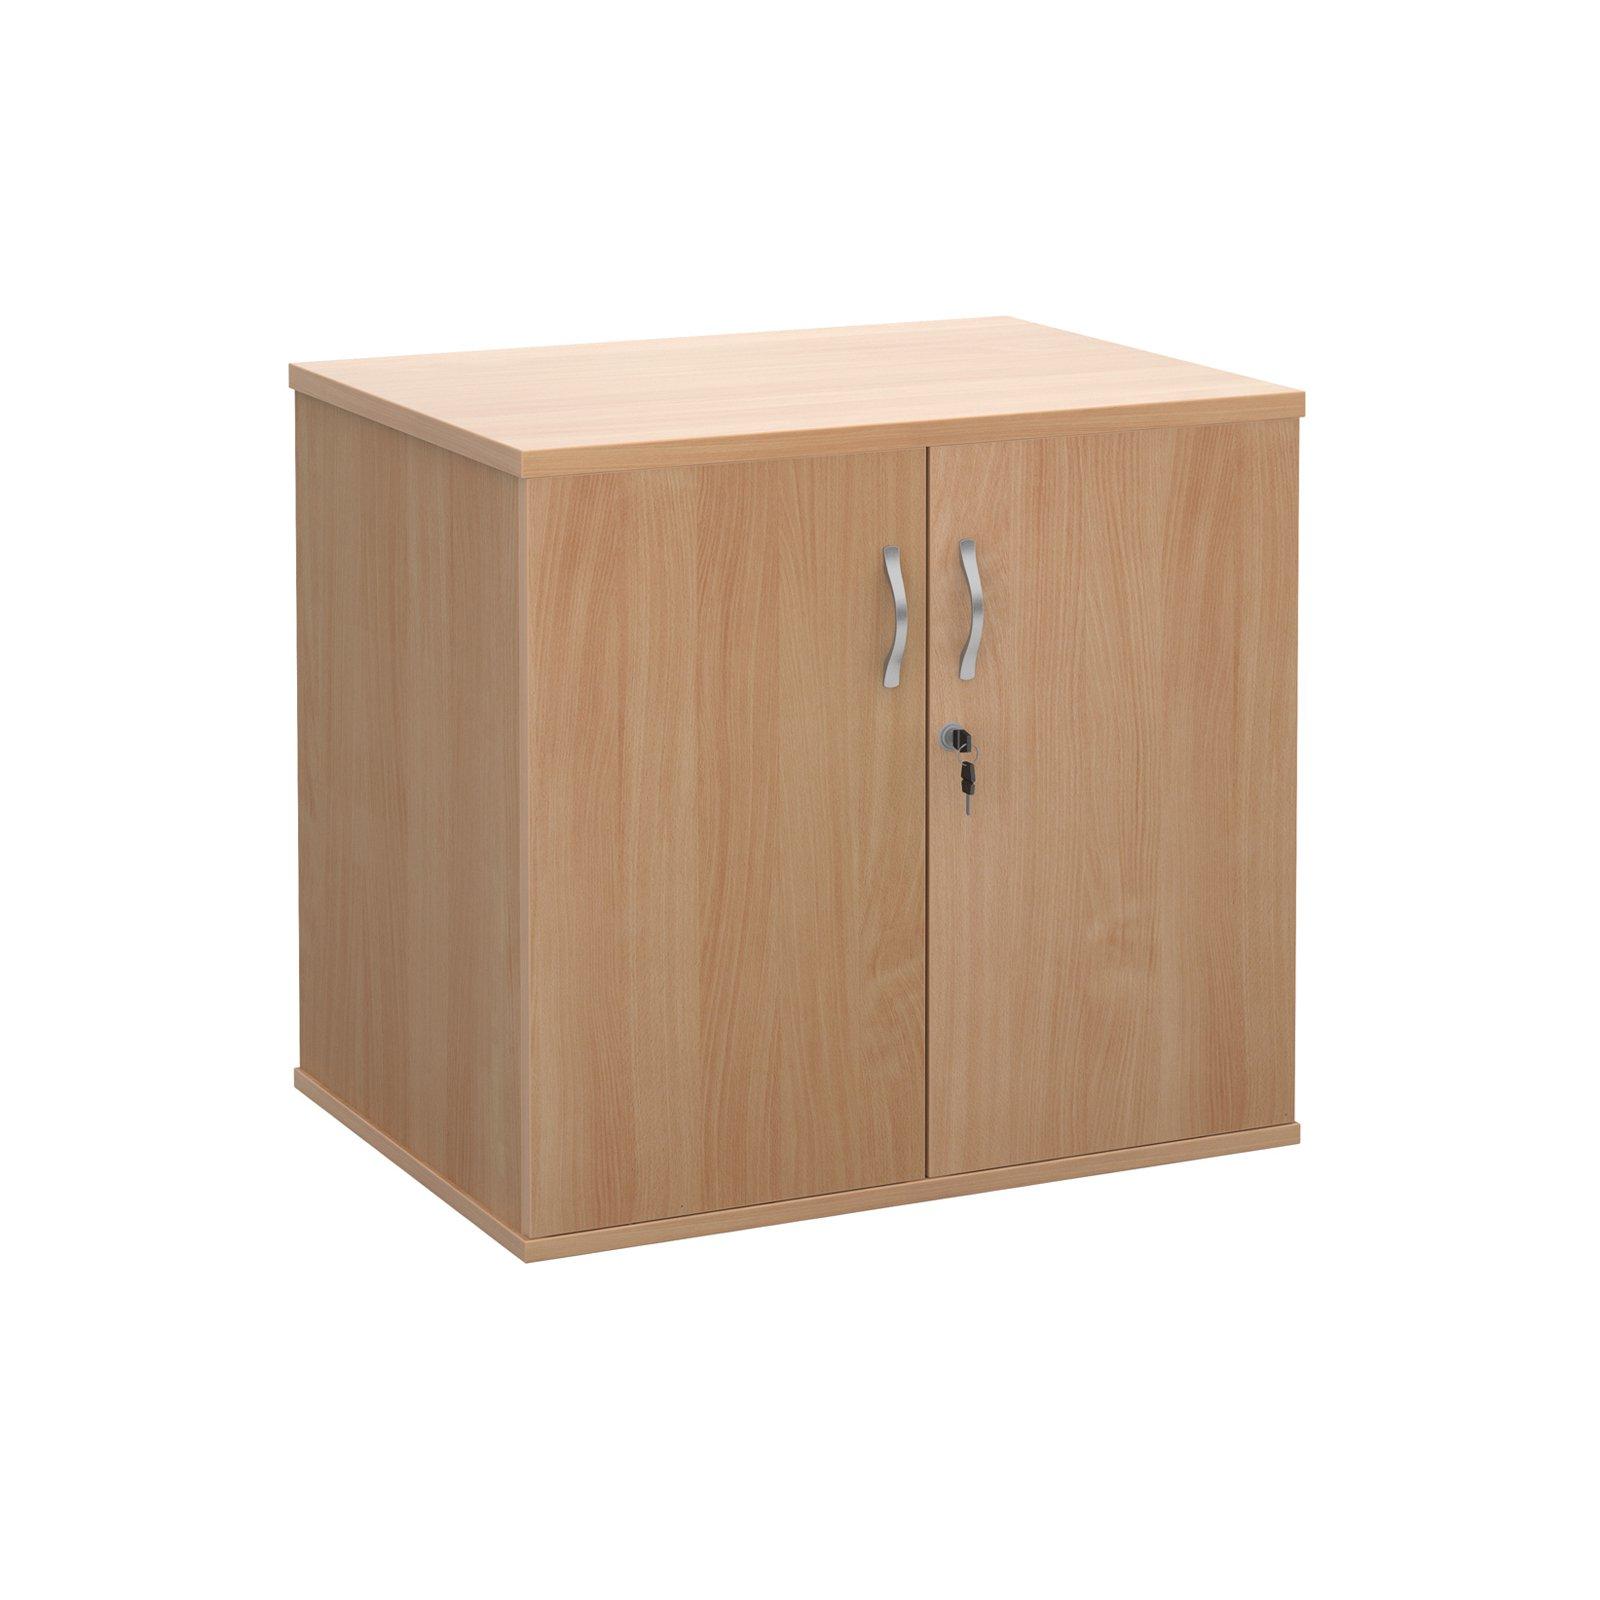 Deluxe double door desk high cupboard 600mm deep - beech